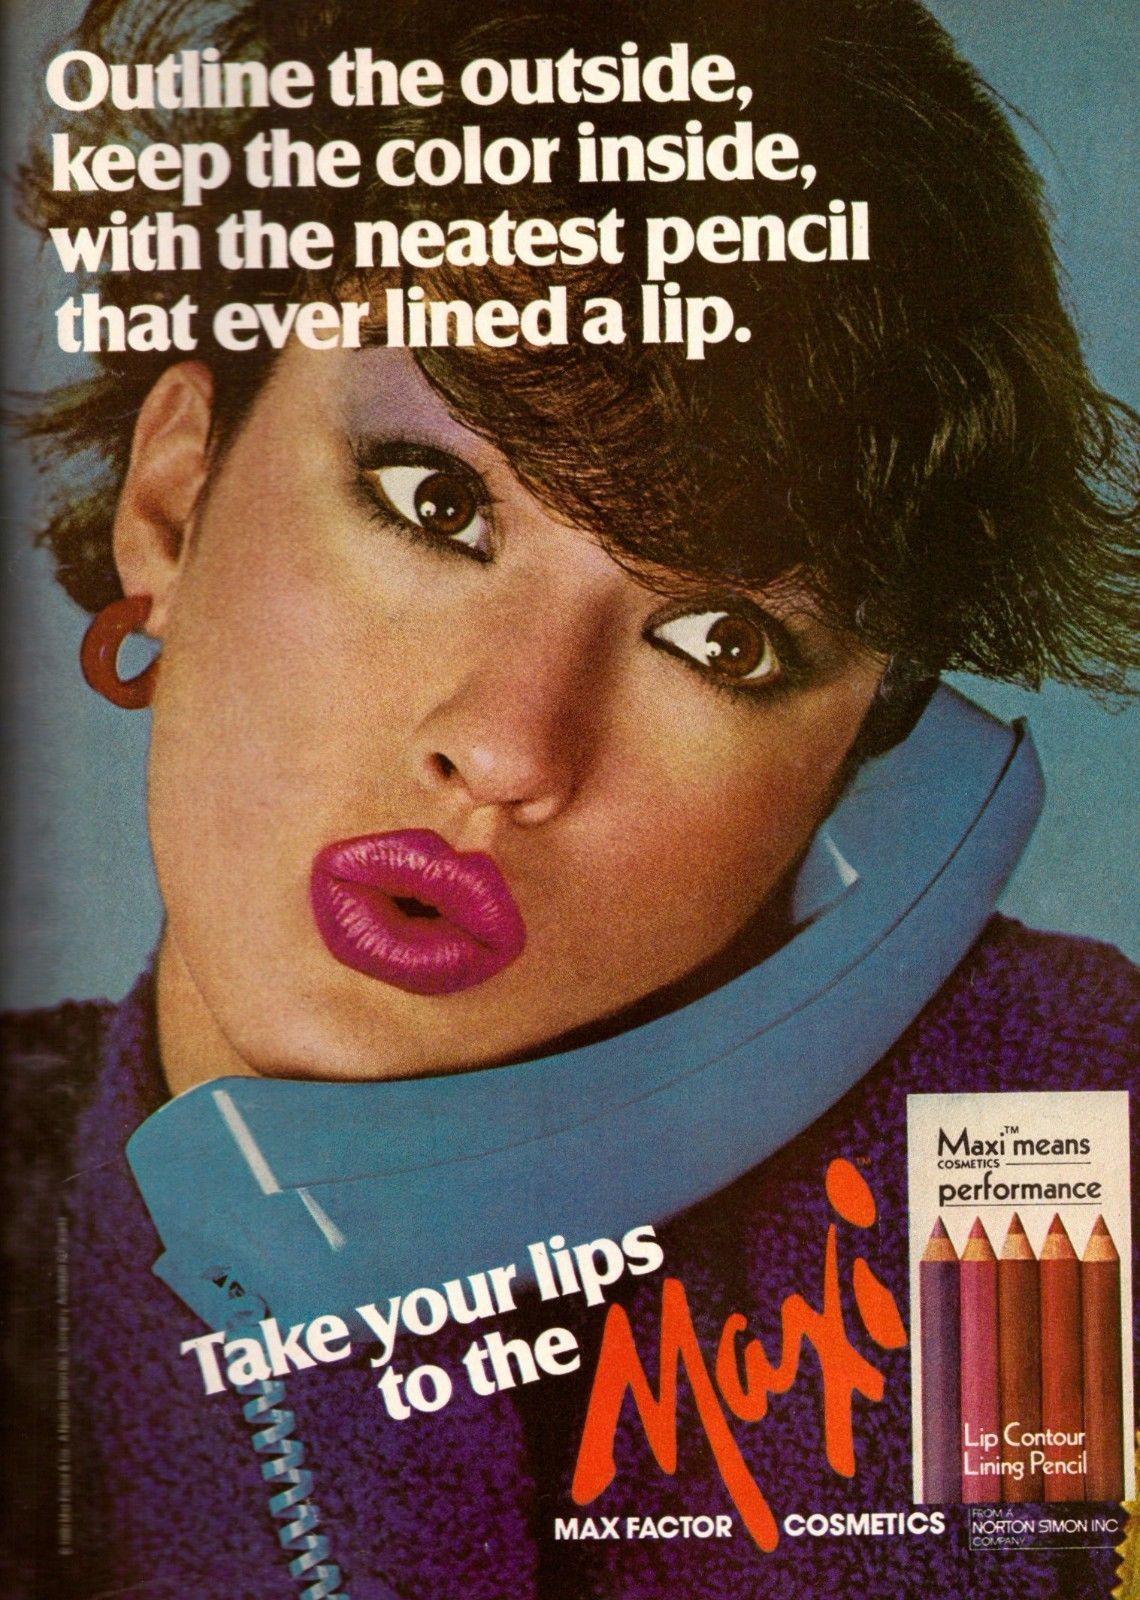 1980 Max Factor Janice Dickinson Maxi Print and 50 similar items